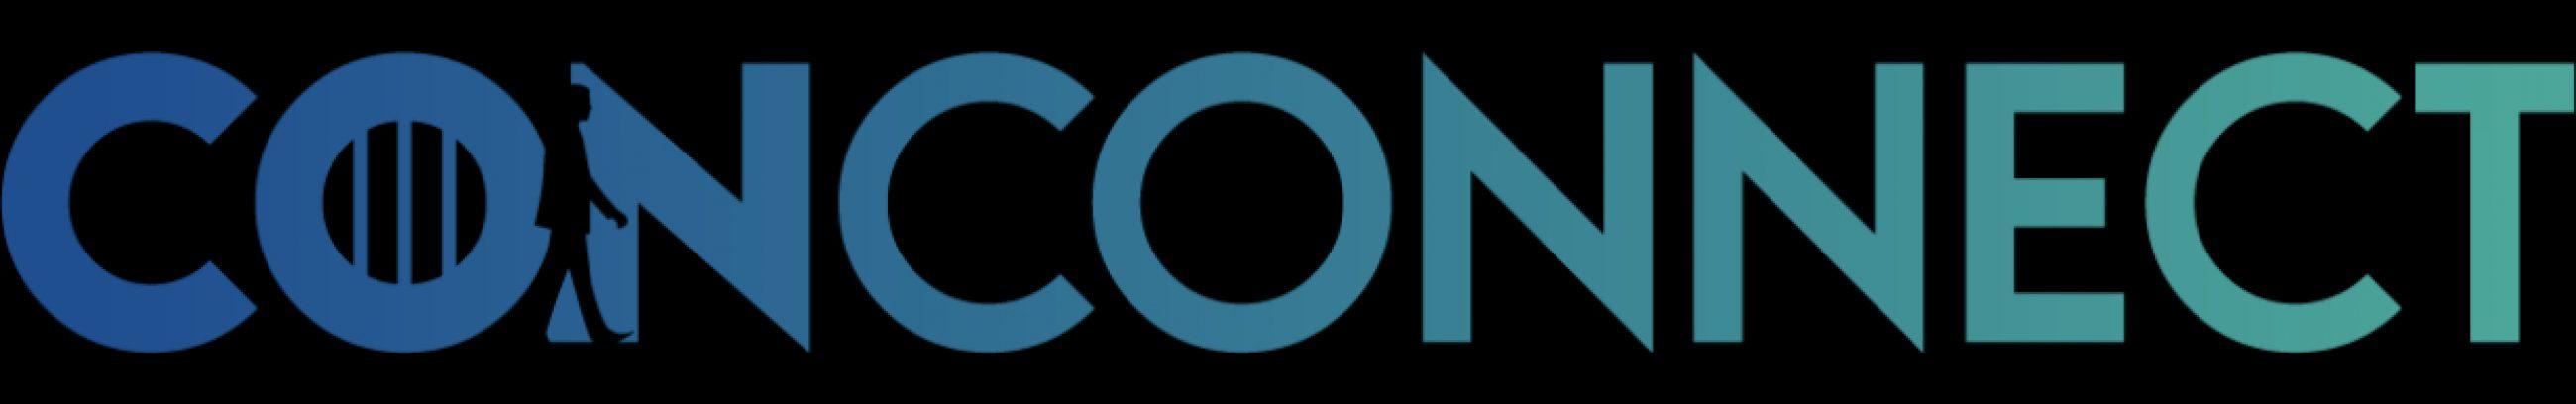 CONCONNECT